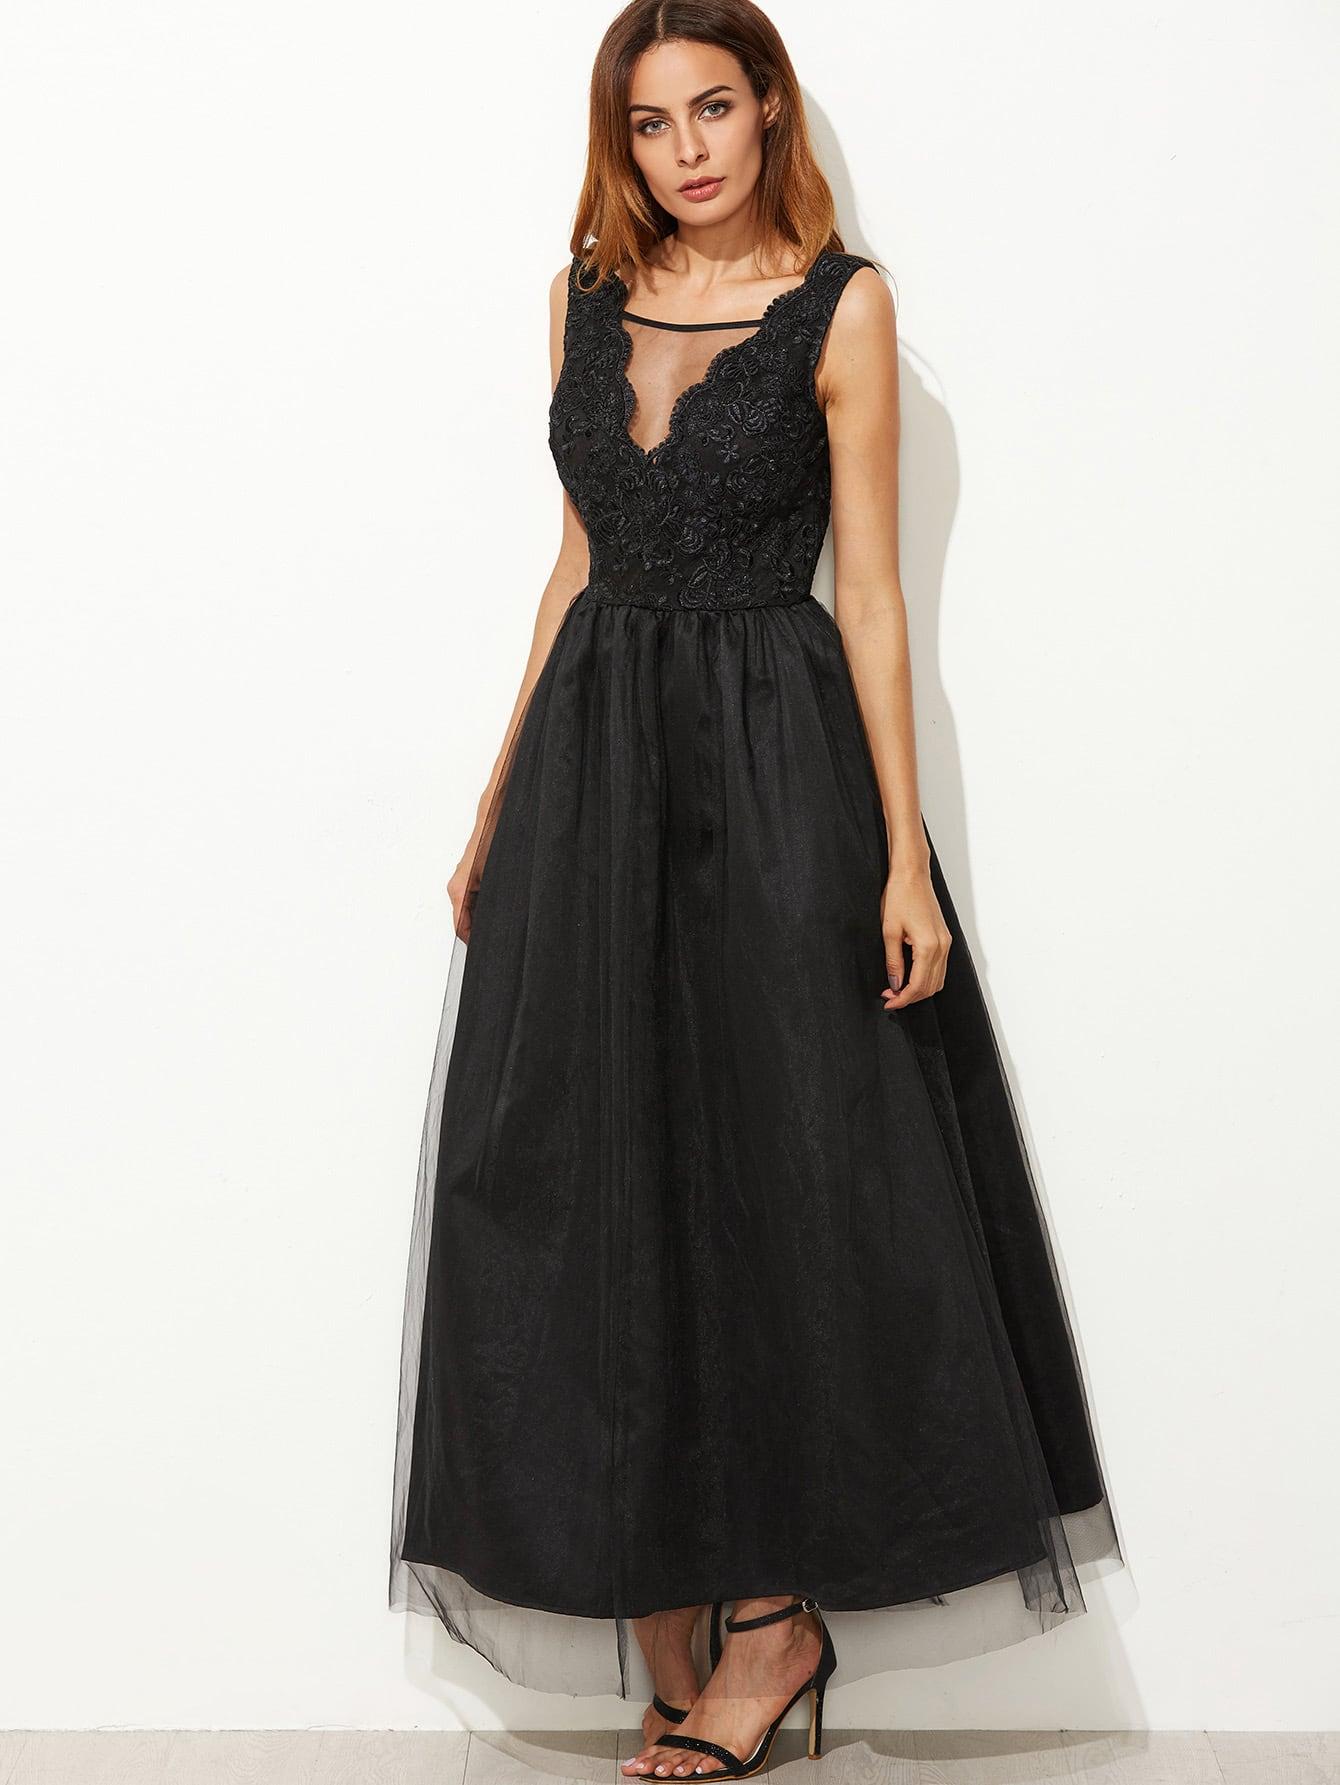 dress161031723_2